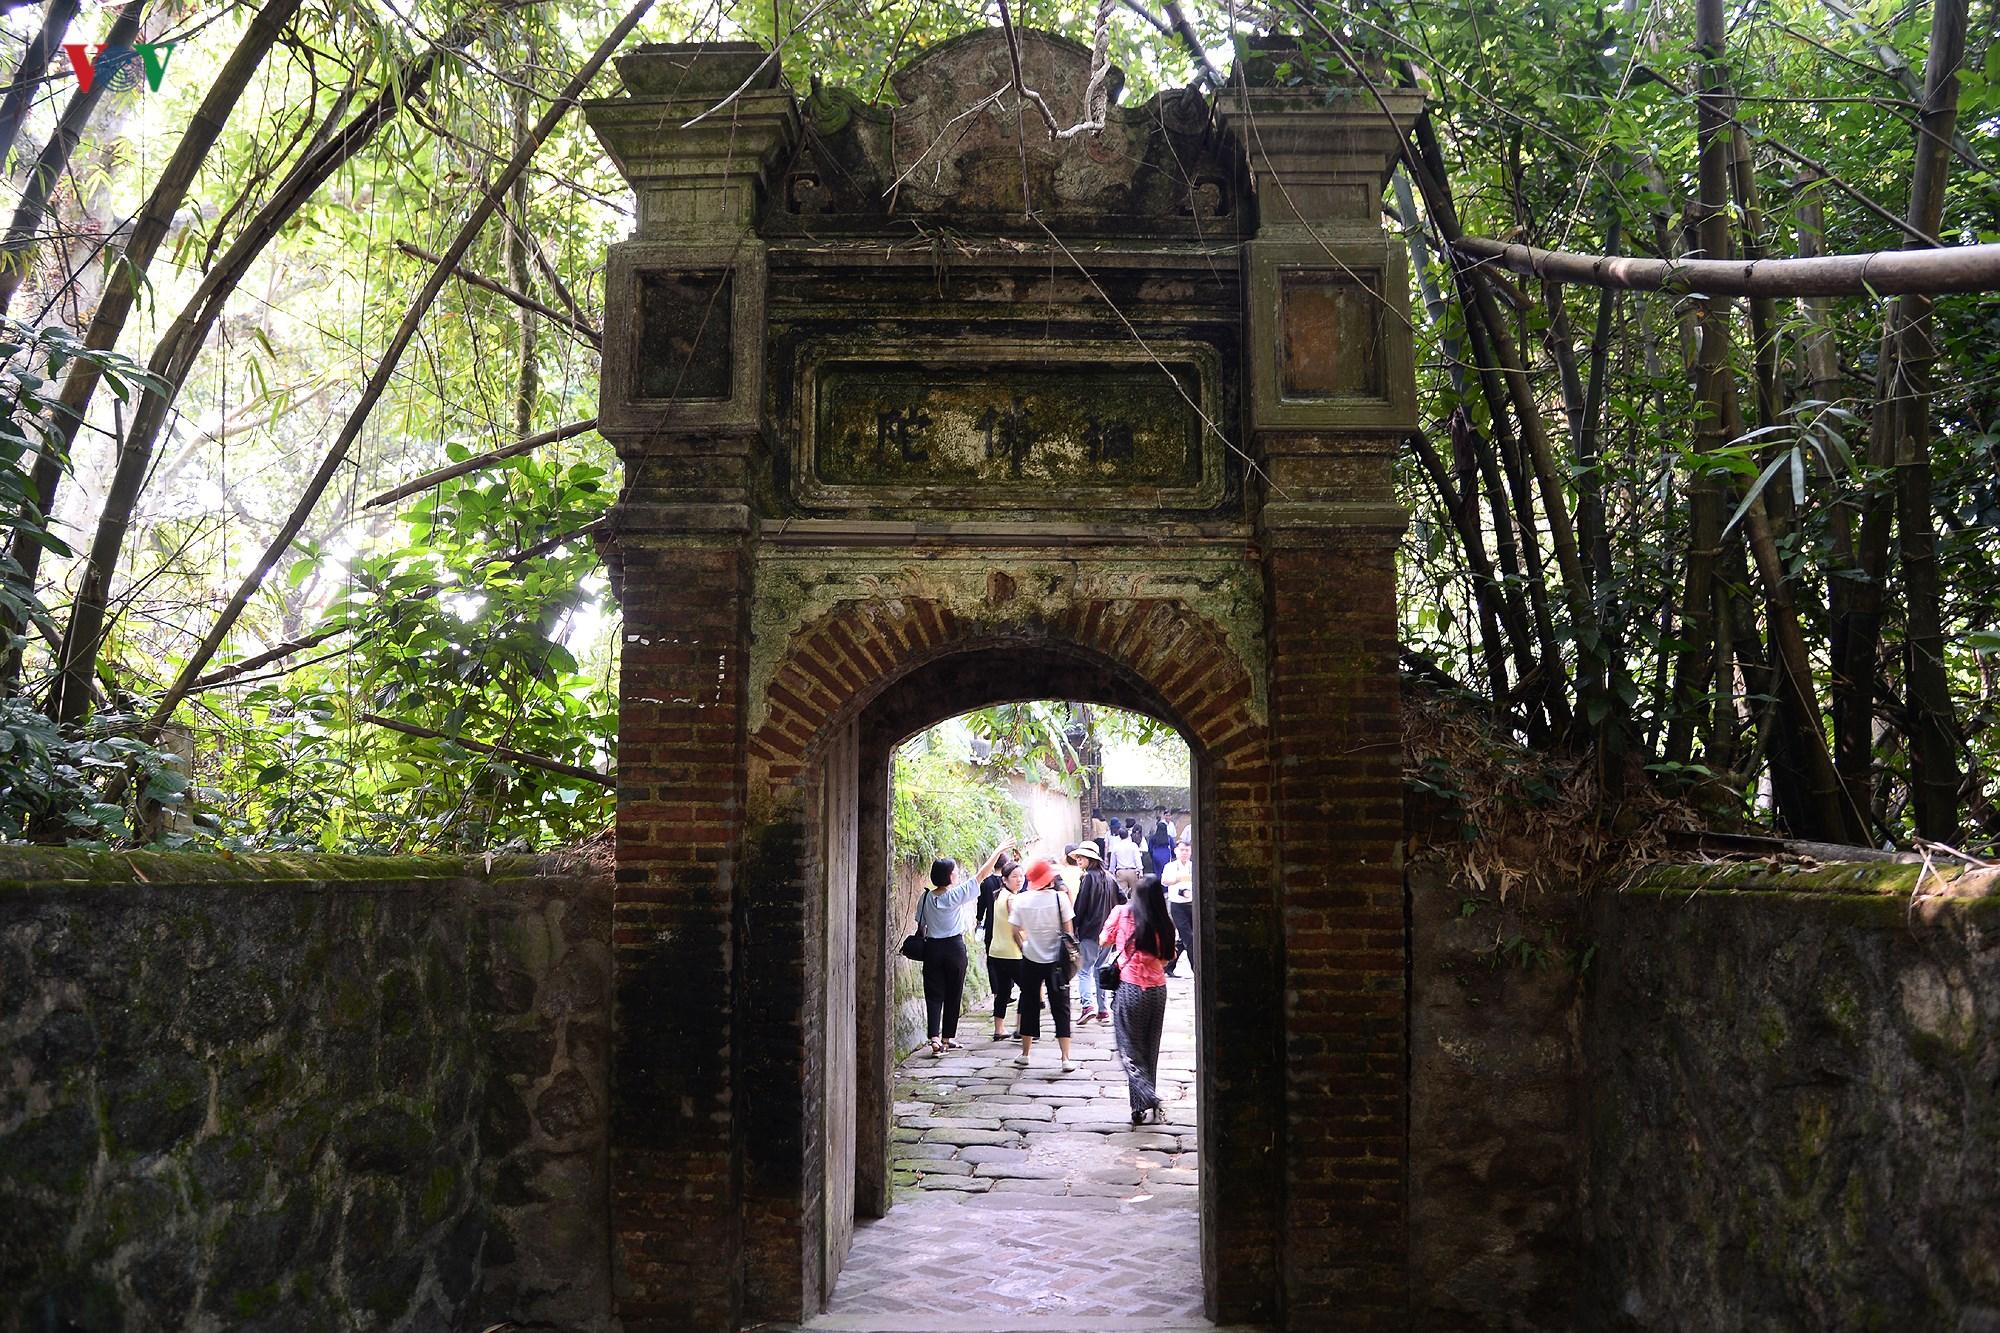 Chùa Bổ Đà – Ngôi cổ tự nổi tiếng của vùng Kinh Bắc (28/9/2018)